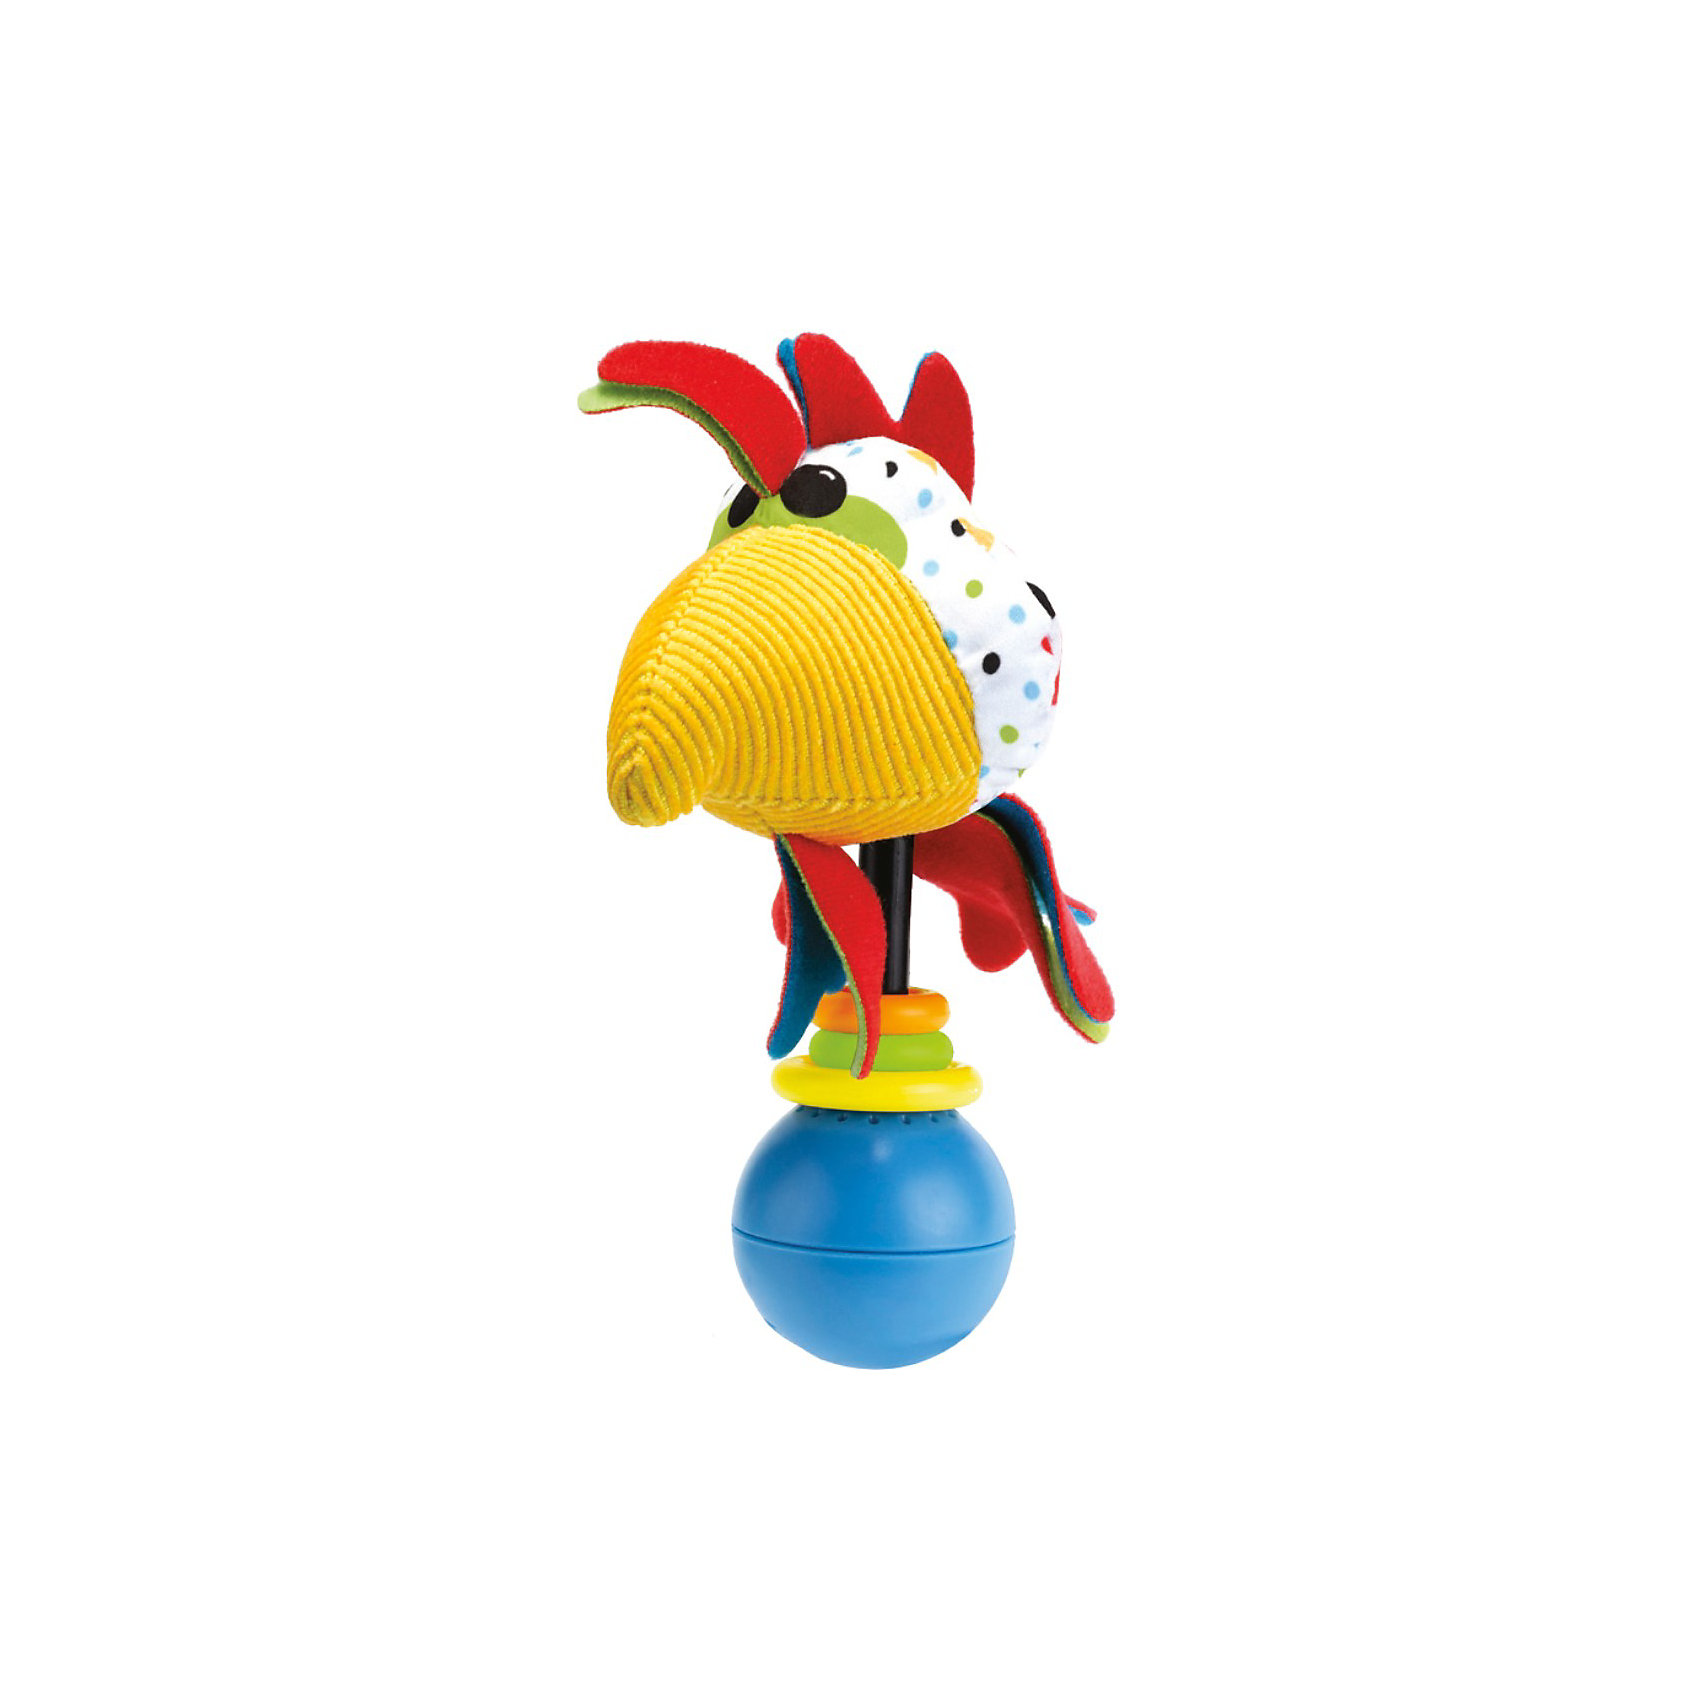 Погремушка Петушок,  YookidooЯркая и забавная погремушка в виде смешного Петушка не оставит равнодушным ни ребенка, ни взрослого. Погремушка оснащена звуковыми эффектами, которые включаются, когда ребенок ее встряхивает. В комплект к погремушке входит большое пластиковое кольцо, благодаря которому, ее можно подвесить в коляску или кроватку. Погремушка Петушок улучшит хватательные навыки малыша, укрепит мускулатуру детских рук, улучшит зрительное и слуховое восприятие, а также подарит хорошее настроение.<br><br>Дополнительная информация:<br><br>- Комплектация: погремушка, пластиковое кольцо для подвешивания.<br>- Материал: пластик, текстиль.<br>- Цвет: красный, голубой, белый, желтый.<br>- Размер упаковки: 5 x 16 x 19 см.<br>- Звуковые эффекты: есть.<br>- Элемент питания: батарейки 3хLR44 (входят в комплект).<br><br>Погремушку Петушок,  Yookidoo можно купить в нашем магазине.<br><br>Ширина мм: 195<br>Глубина мм: 50<br>Высота мм: 165<br>Вес г: 64<br>Возраст от месяцев: 0<br>Возраст до месяцев: 12<br>Пол: Унисекс<br>Возраст: Детский<br>SKU: 3908344